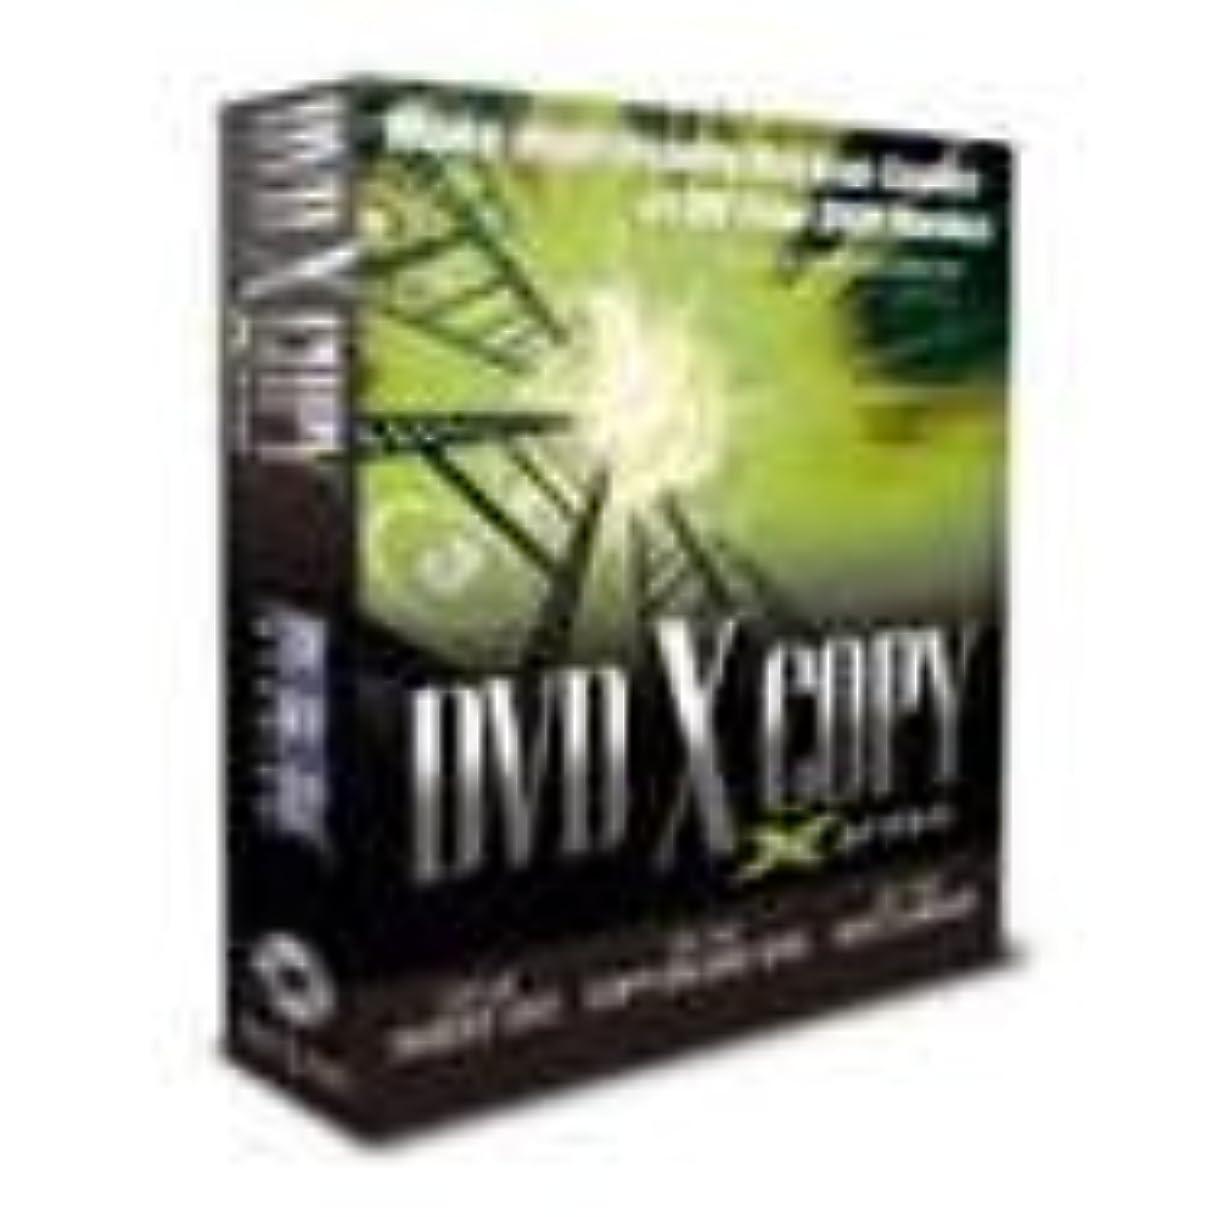 DVD X COPY Xpress 3.0J